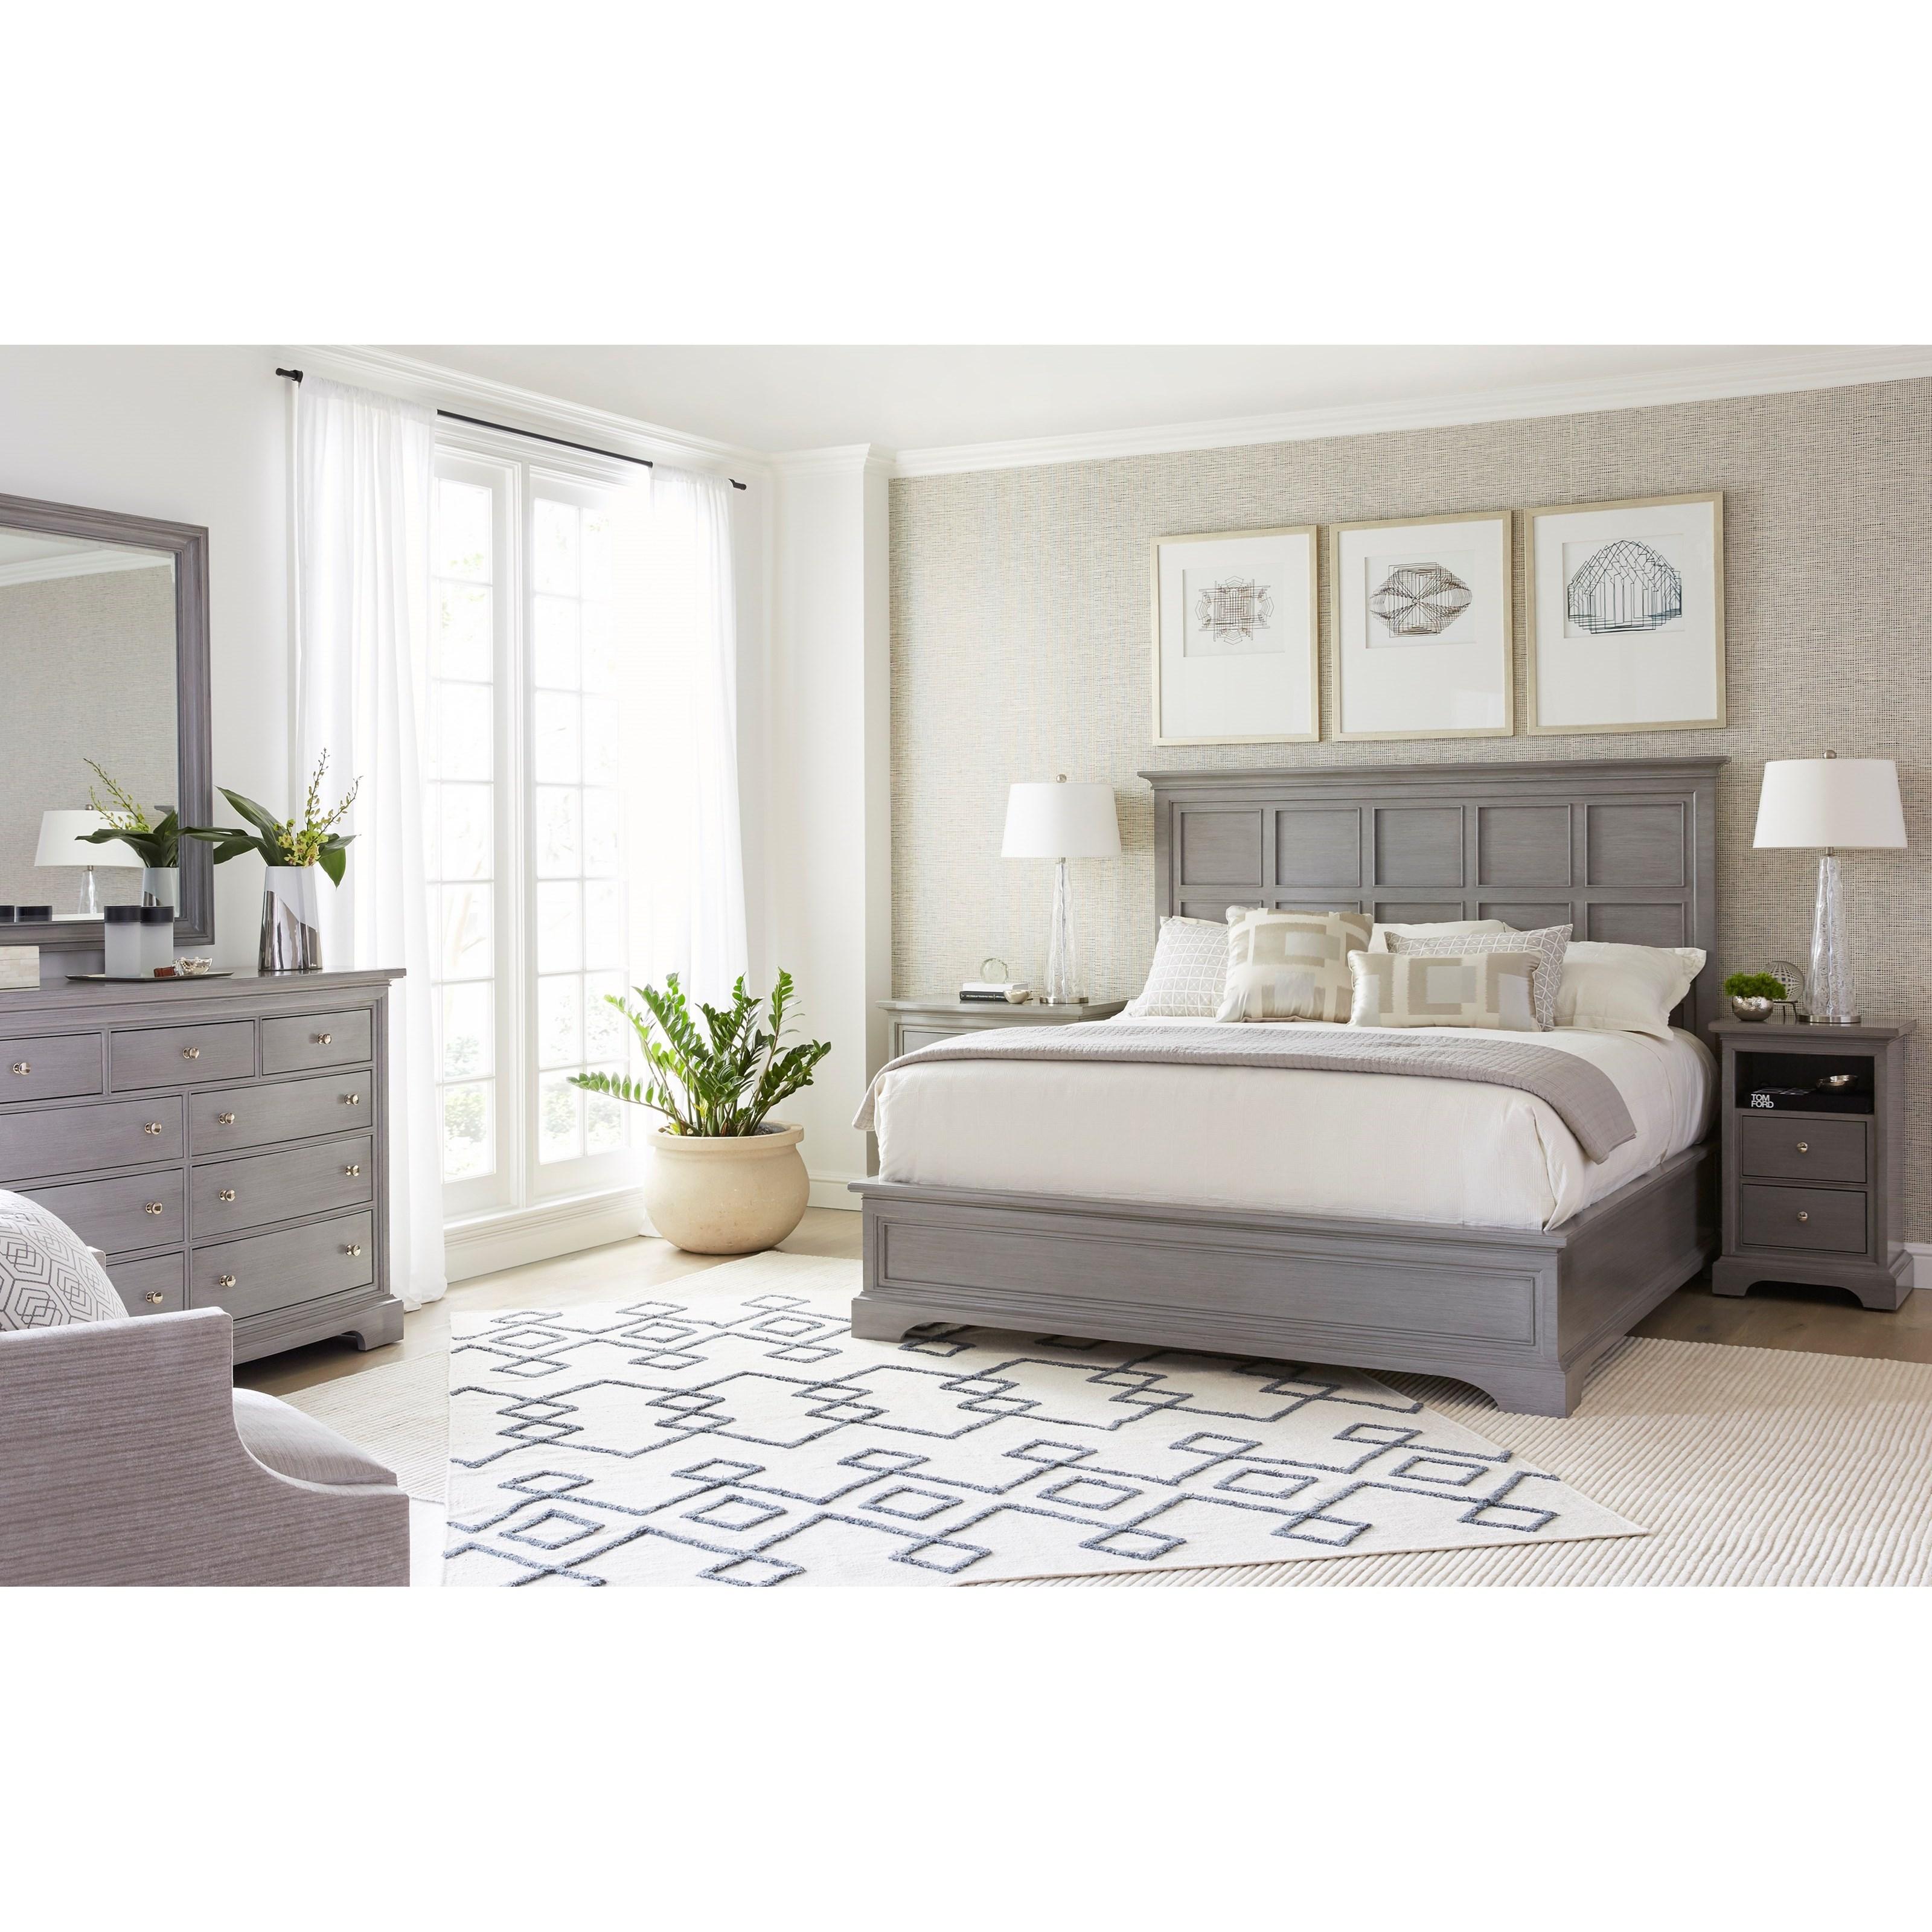 Stanley furniture transitional queen bedroom group belfort furniture bedroom groups for Stanley furniture bedroom set